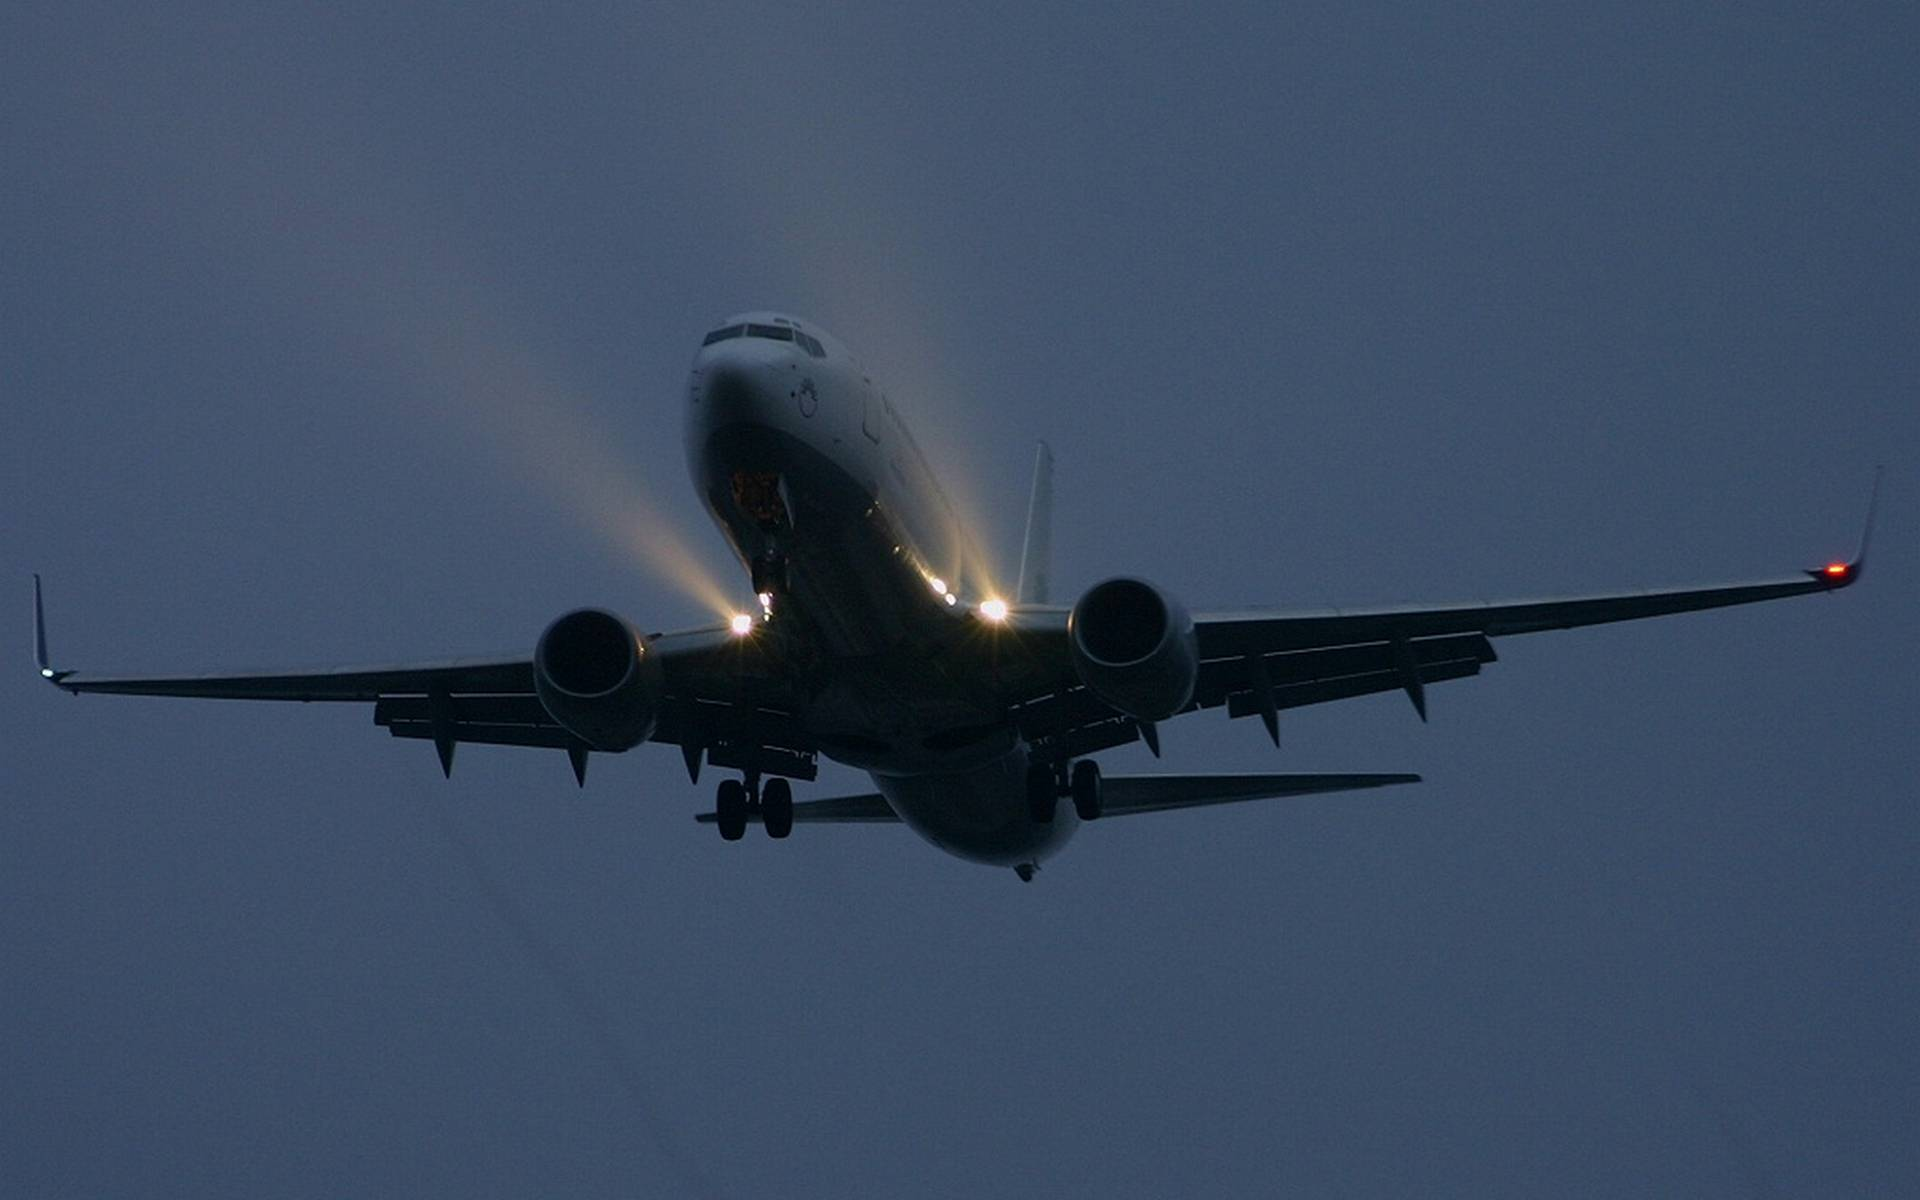 обои самолет, пассажирский, крылья, турбины картинки фото